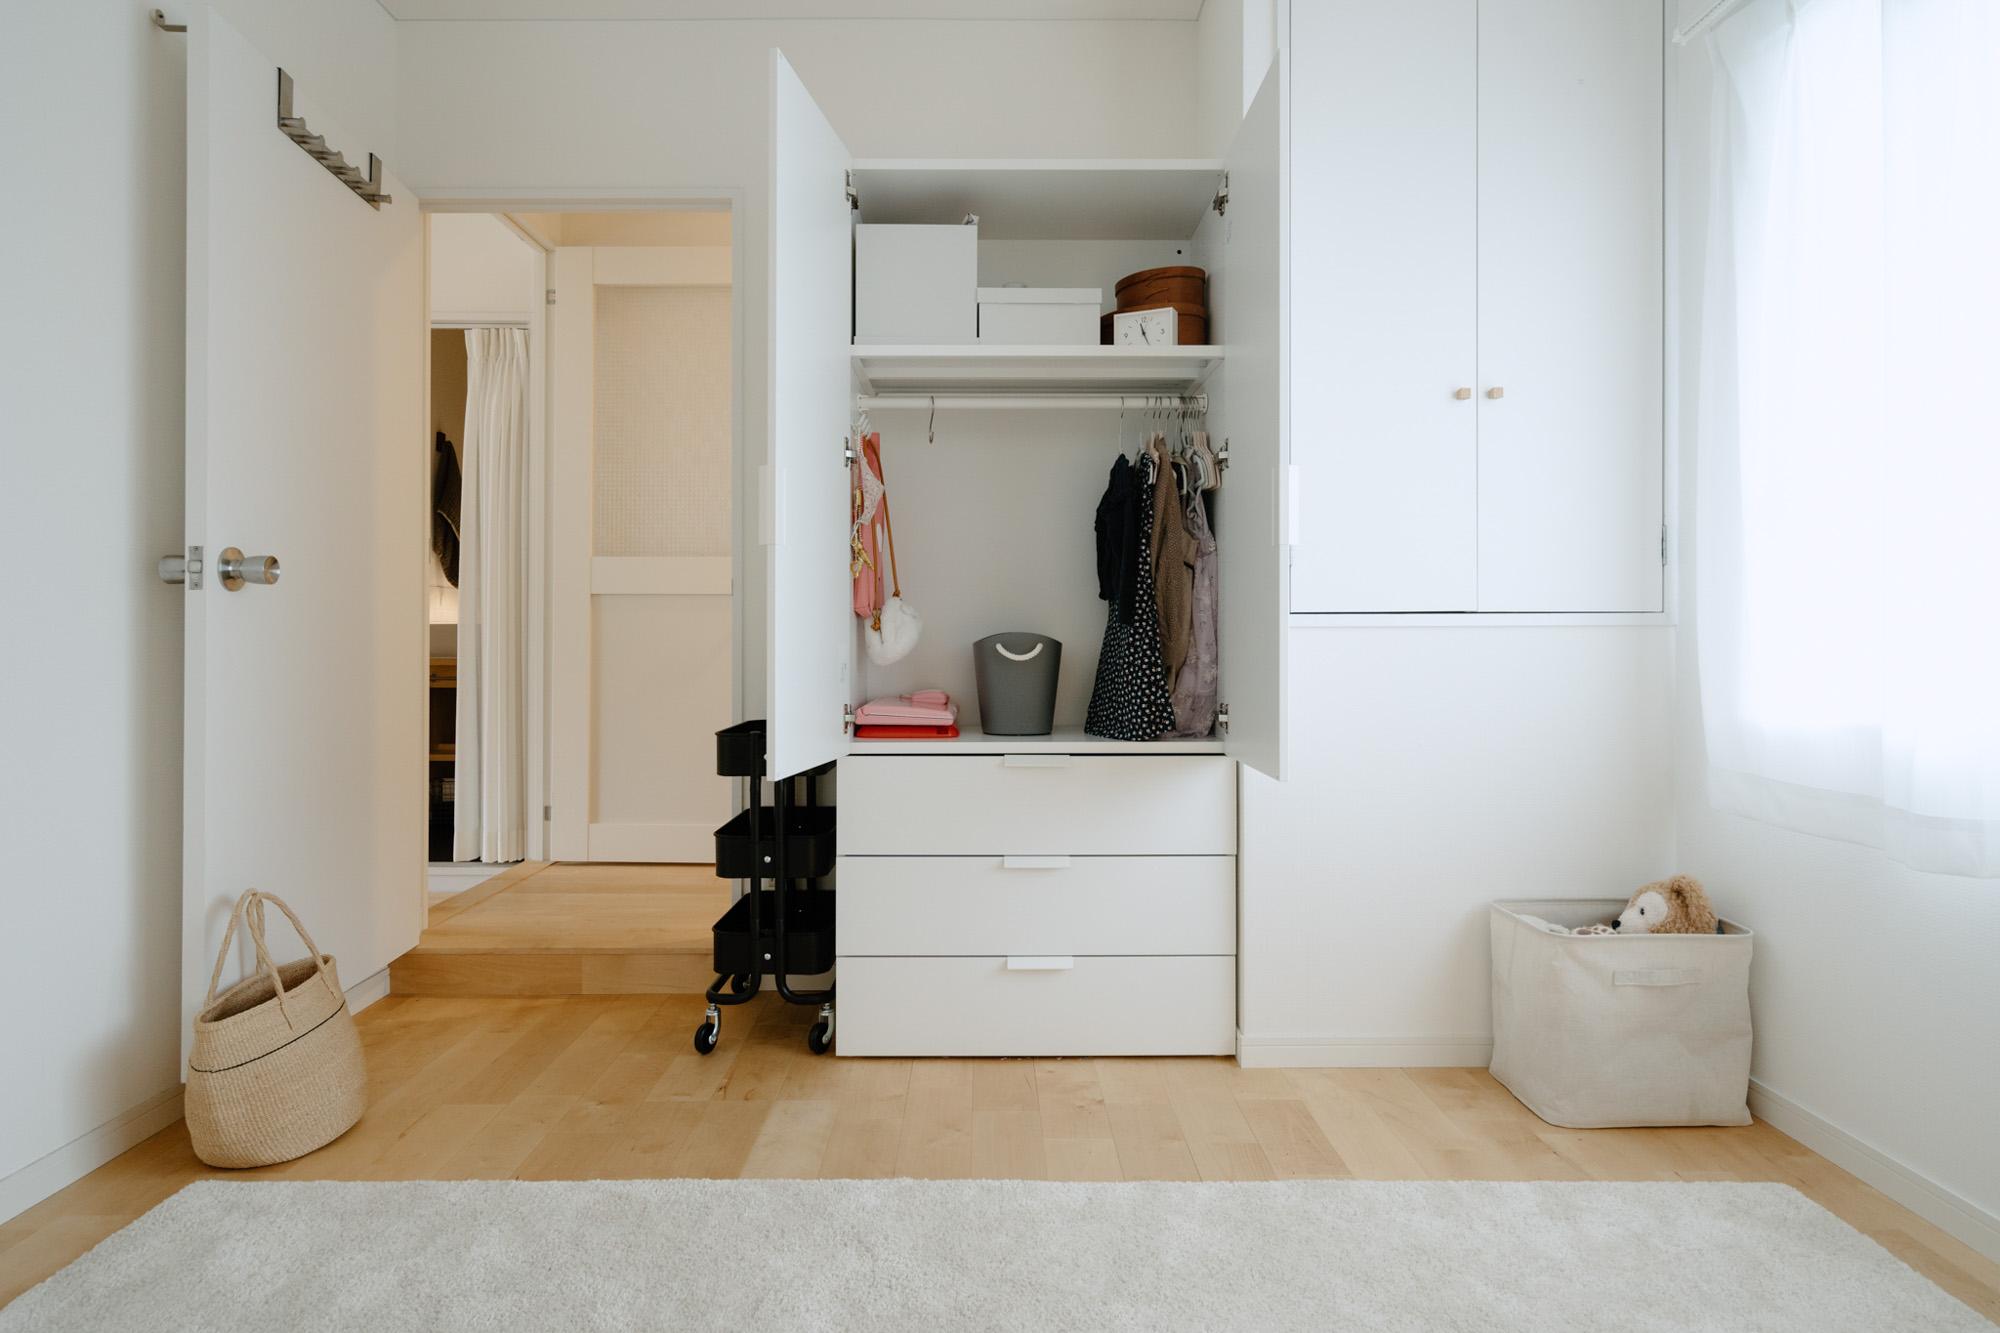 玄関横のもう1部屋は、将来娘さんのお部屋にする予定。シンプルなクローゼットを用意されていました。